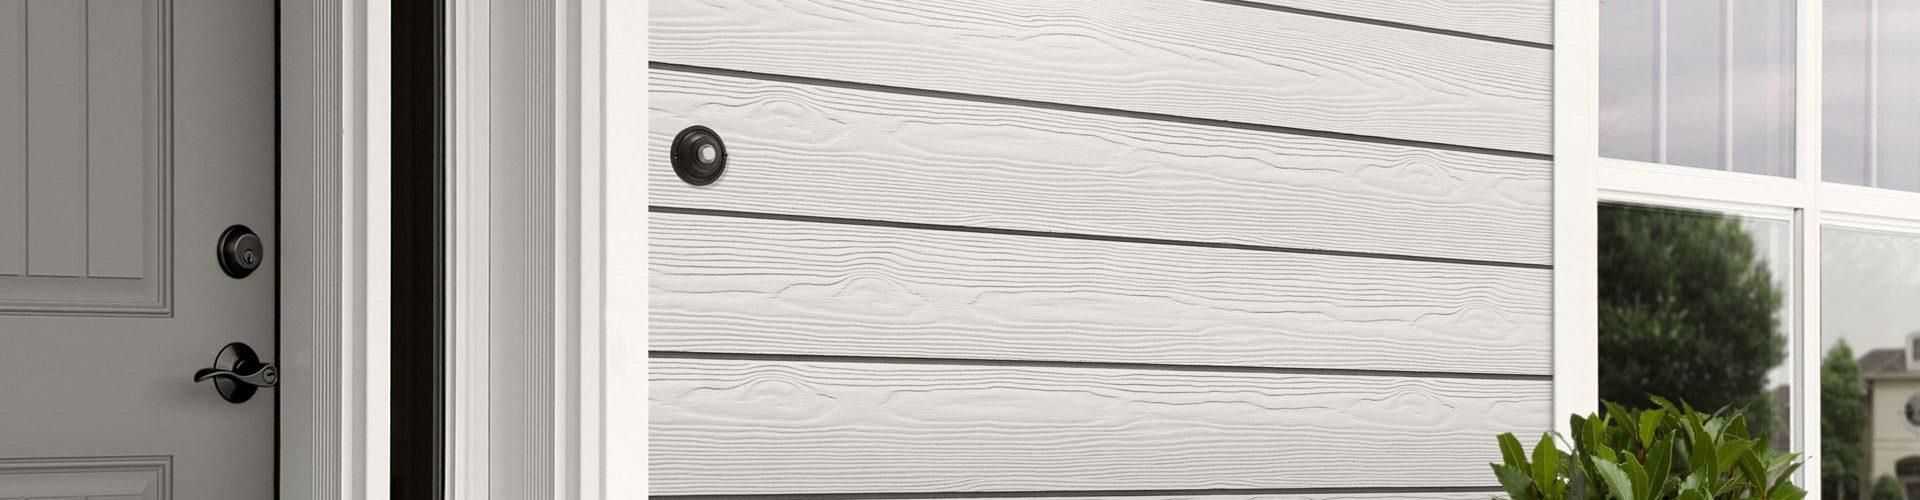 Cedral Click C01 Mineraalvalge - kiudtsement voodrilaud - puitu immiteeriv